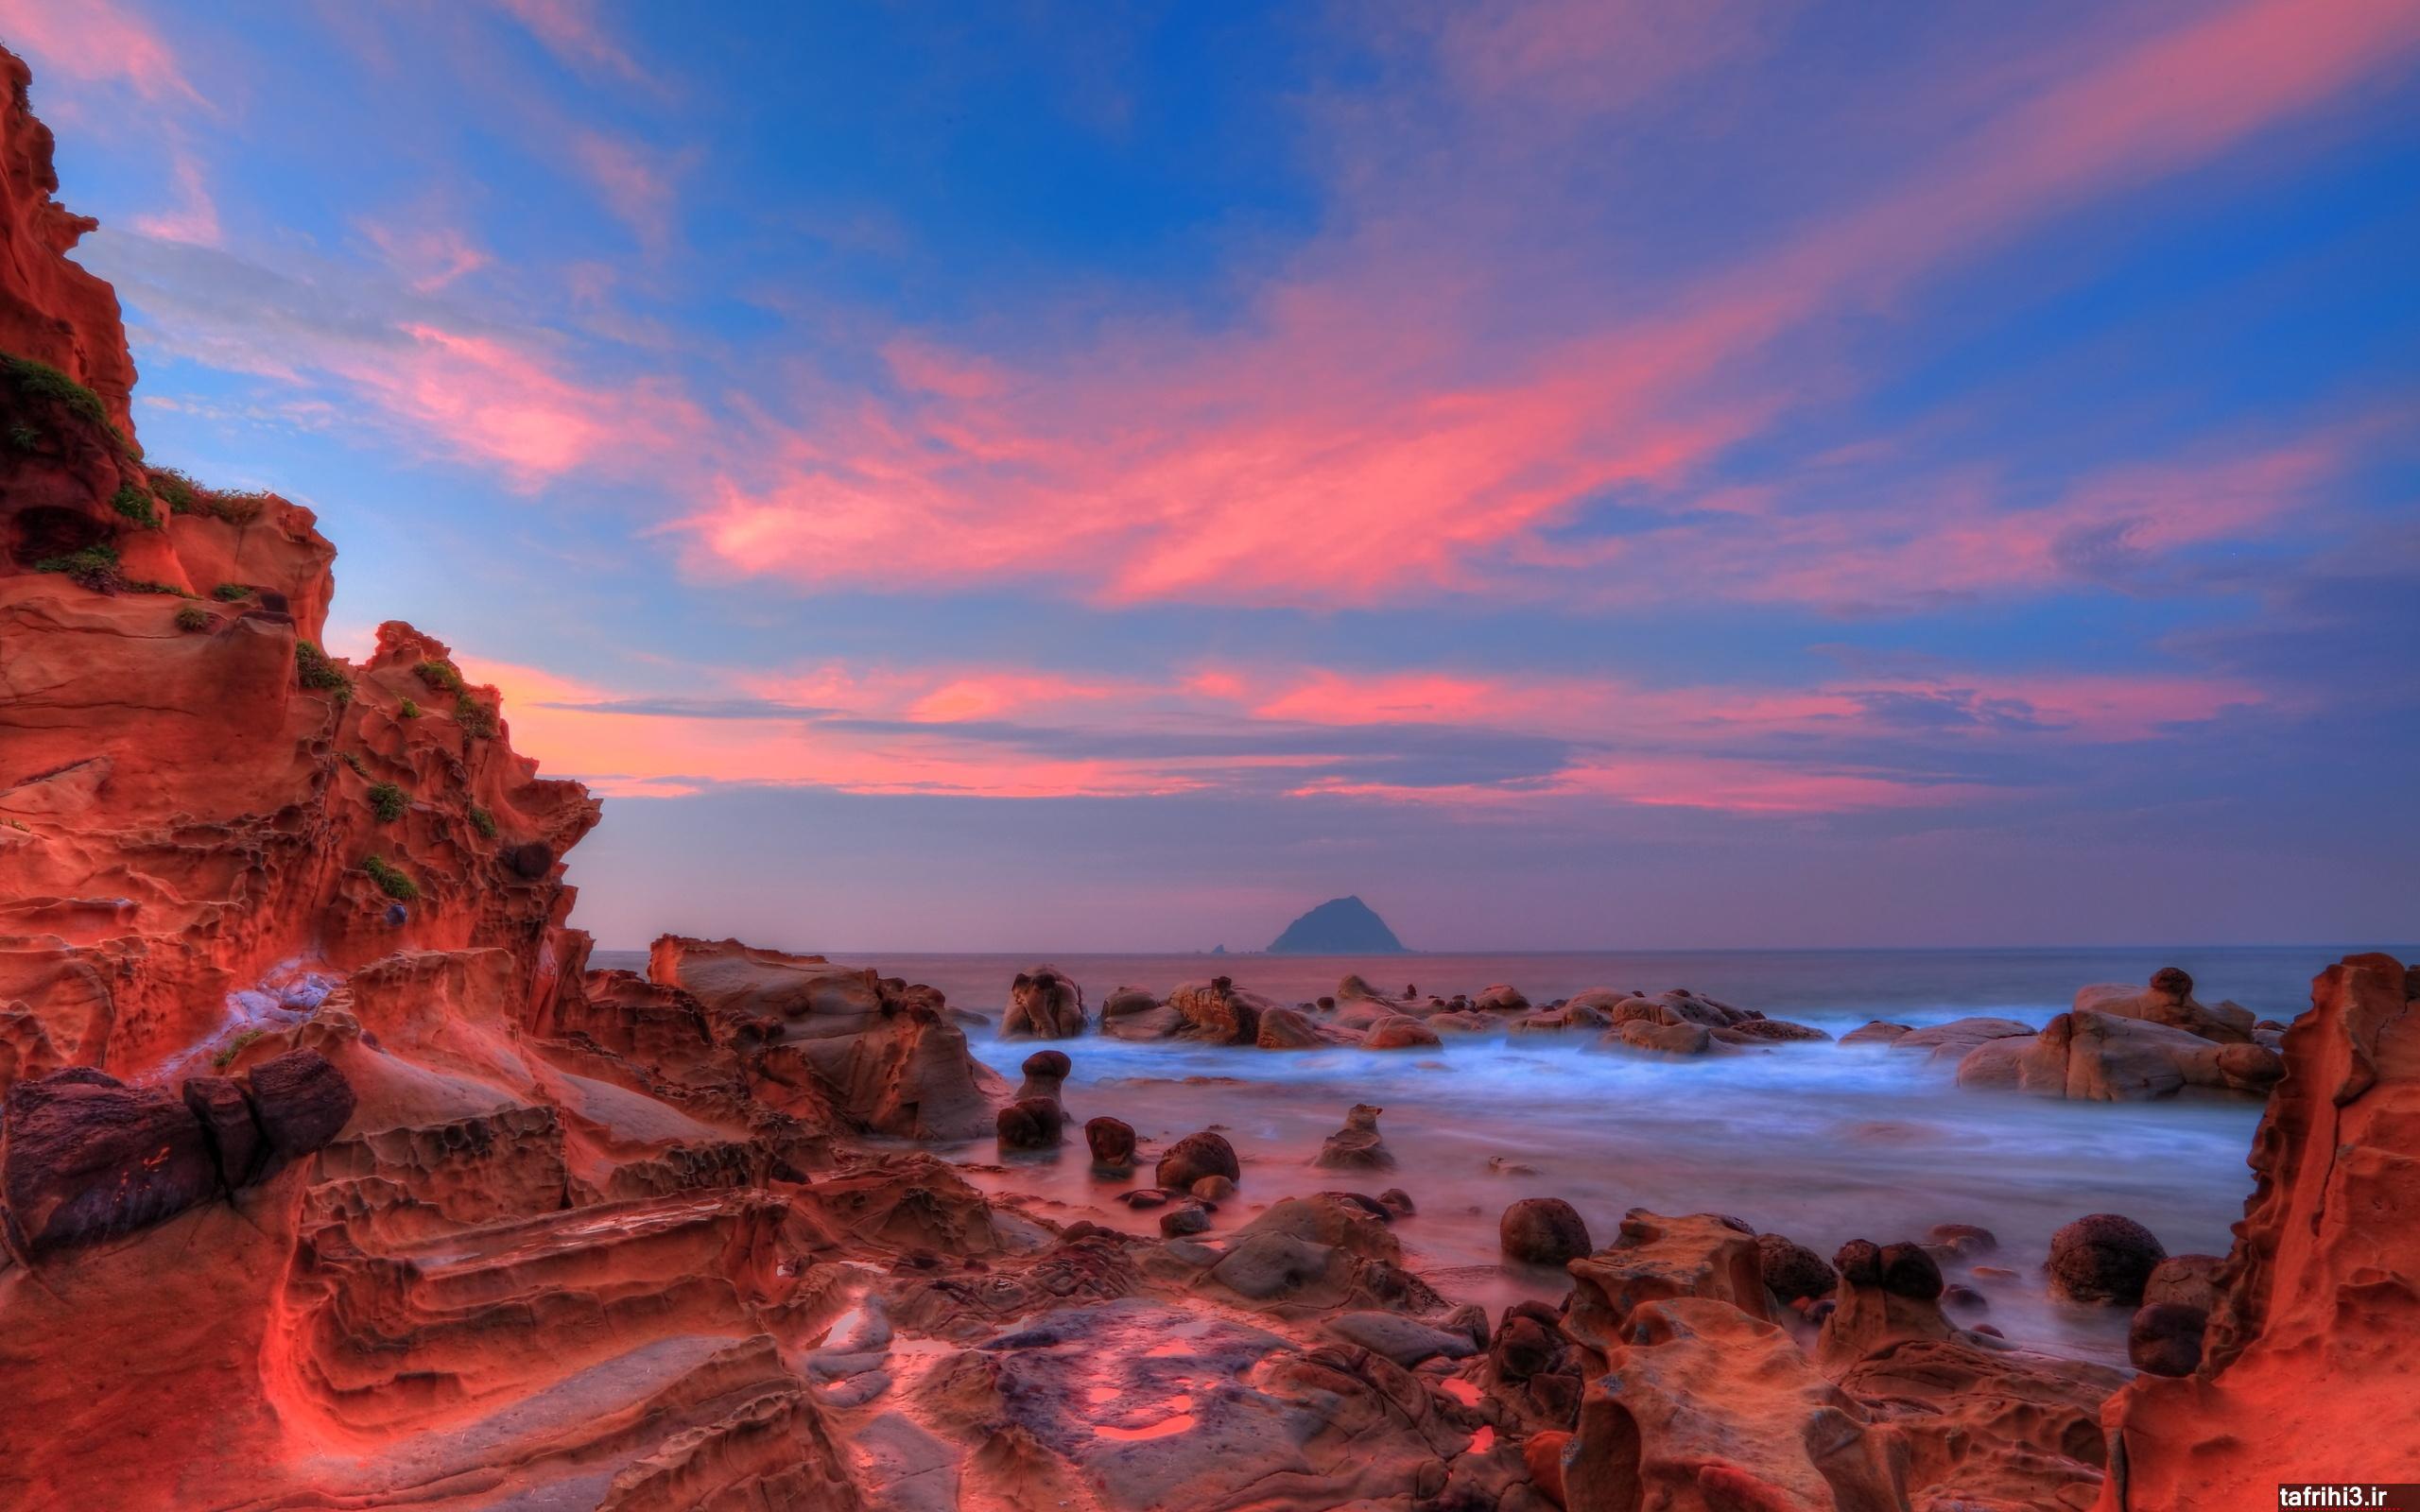 عکس های زیبای طبیعت با کیفیت hd